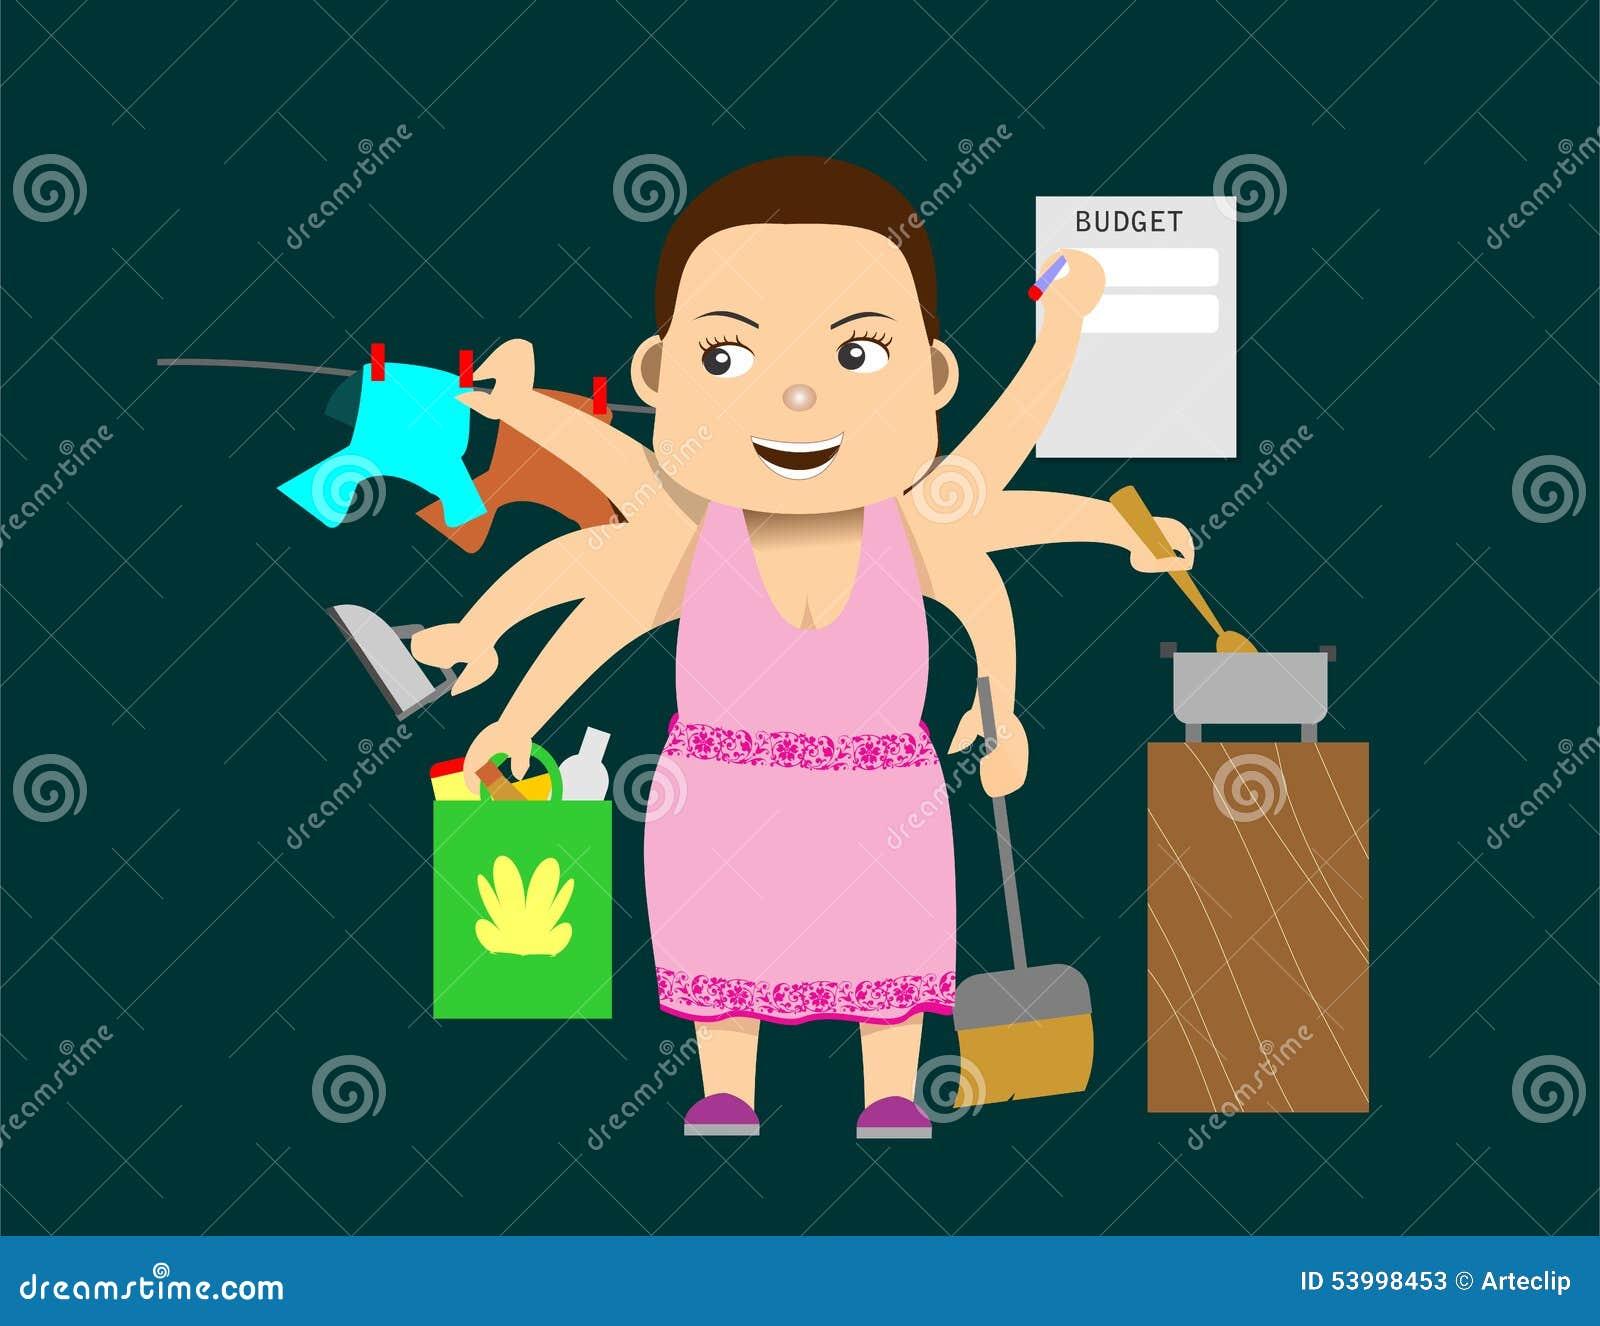 Woman multi tasking